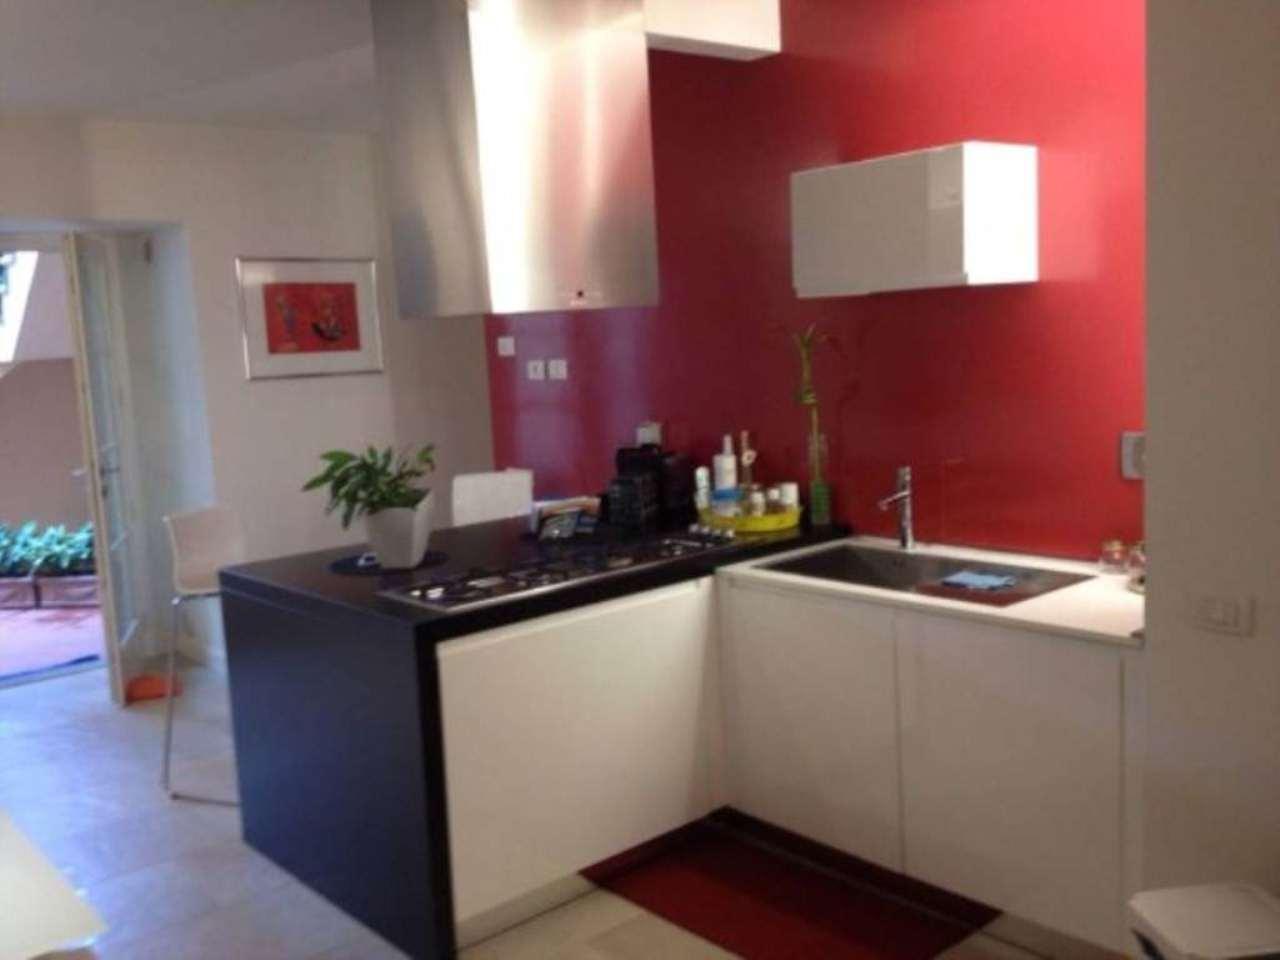 Rustico / Casale in vendita a Prato, 5 locali, prezzo € 520.000 | Cambio Casa.it